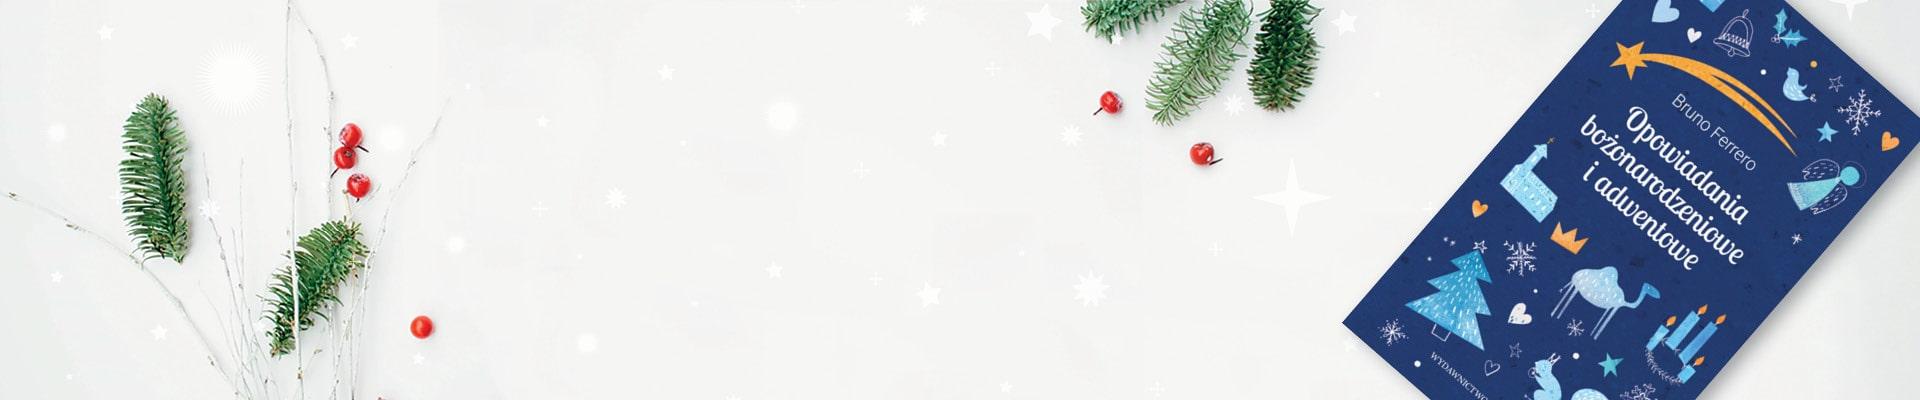 Przygotuj się do Bożego Narodzenia!